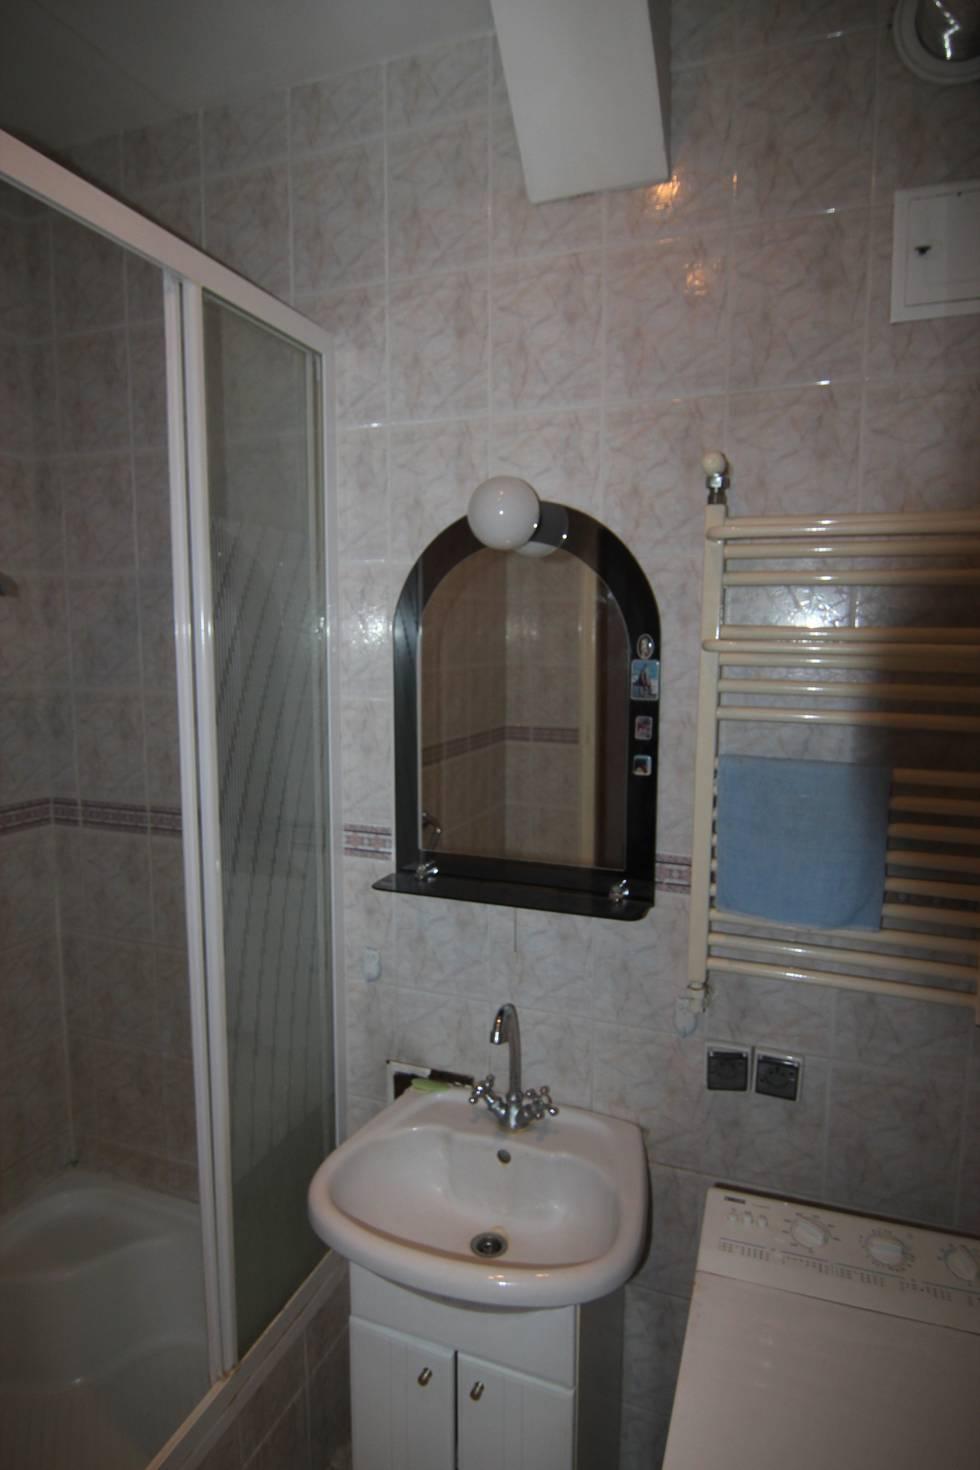 До и После: Ванные комнаты после ремонта, которые стоит увидеть